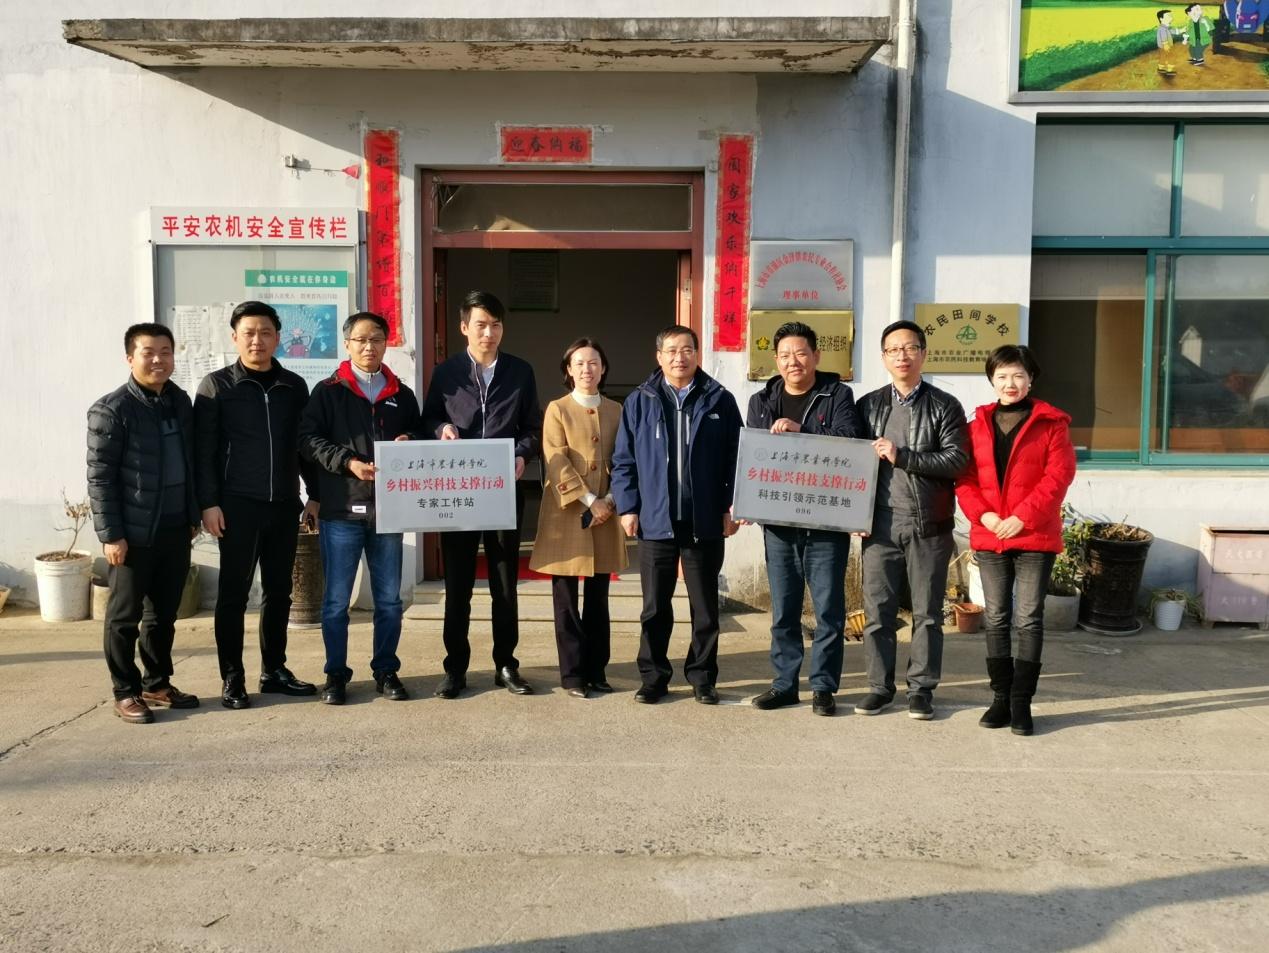 生物所与上海馨祥专业合作社乡村振兴科技支撑行动授牌